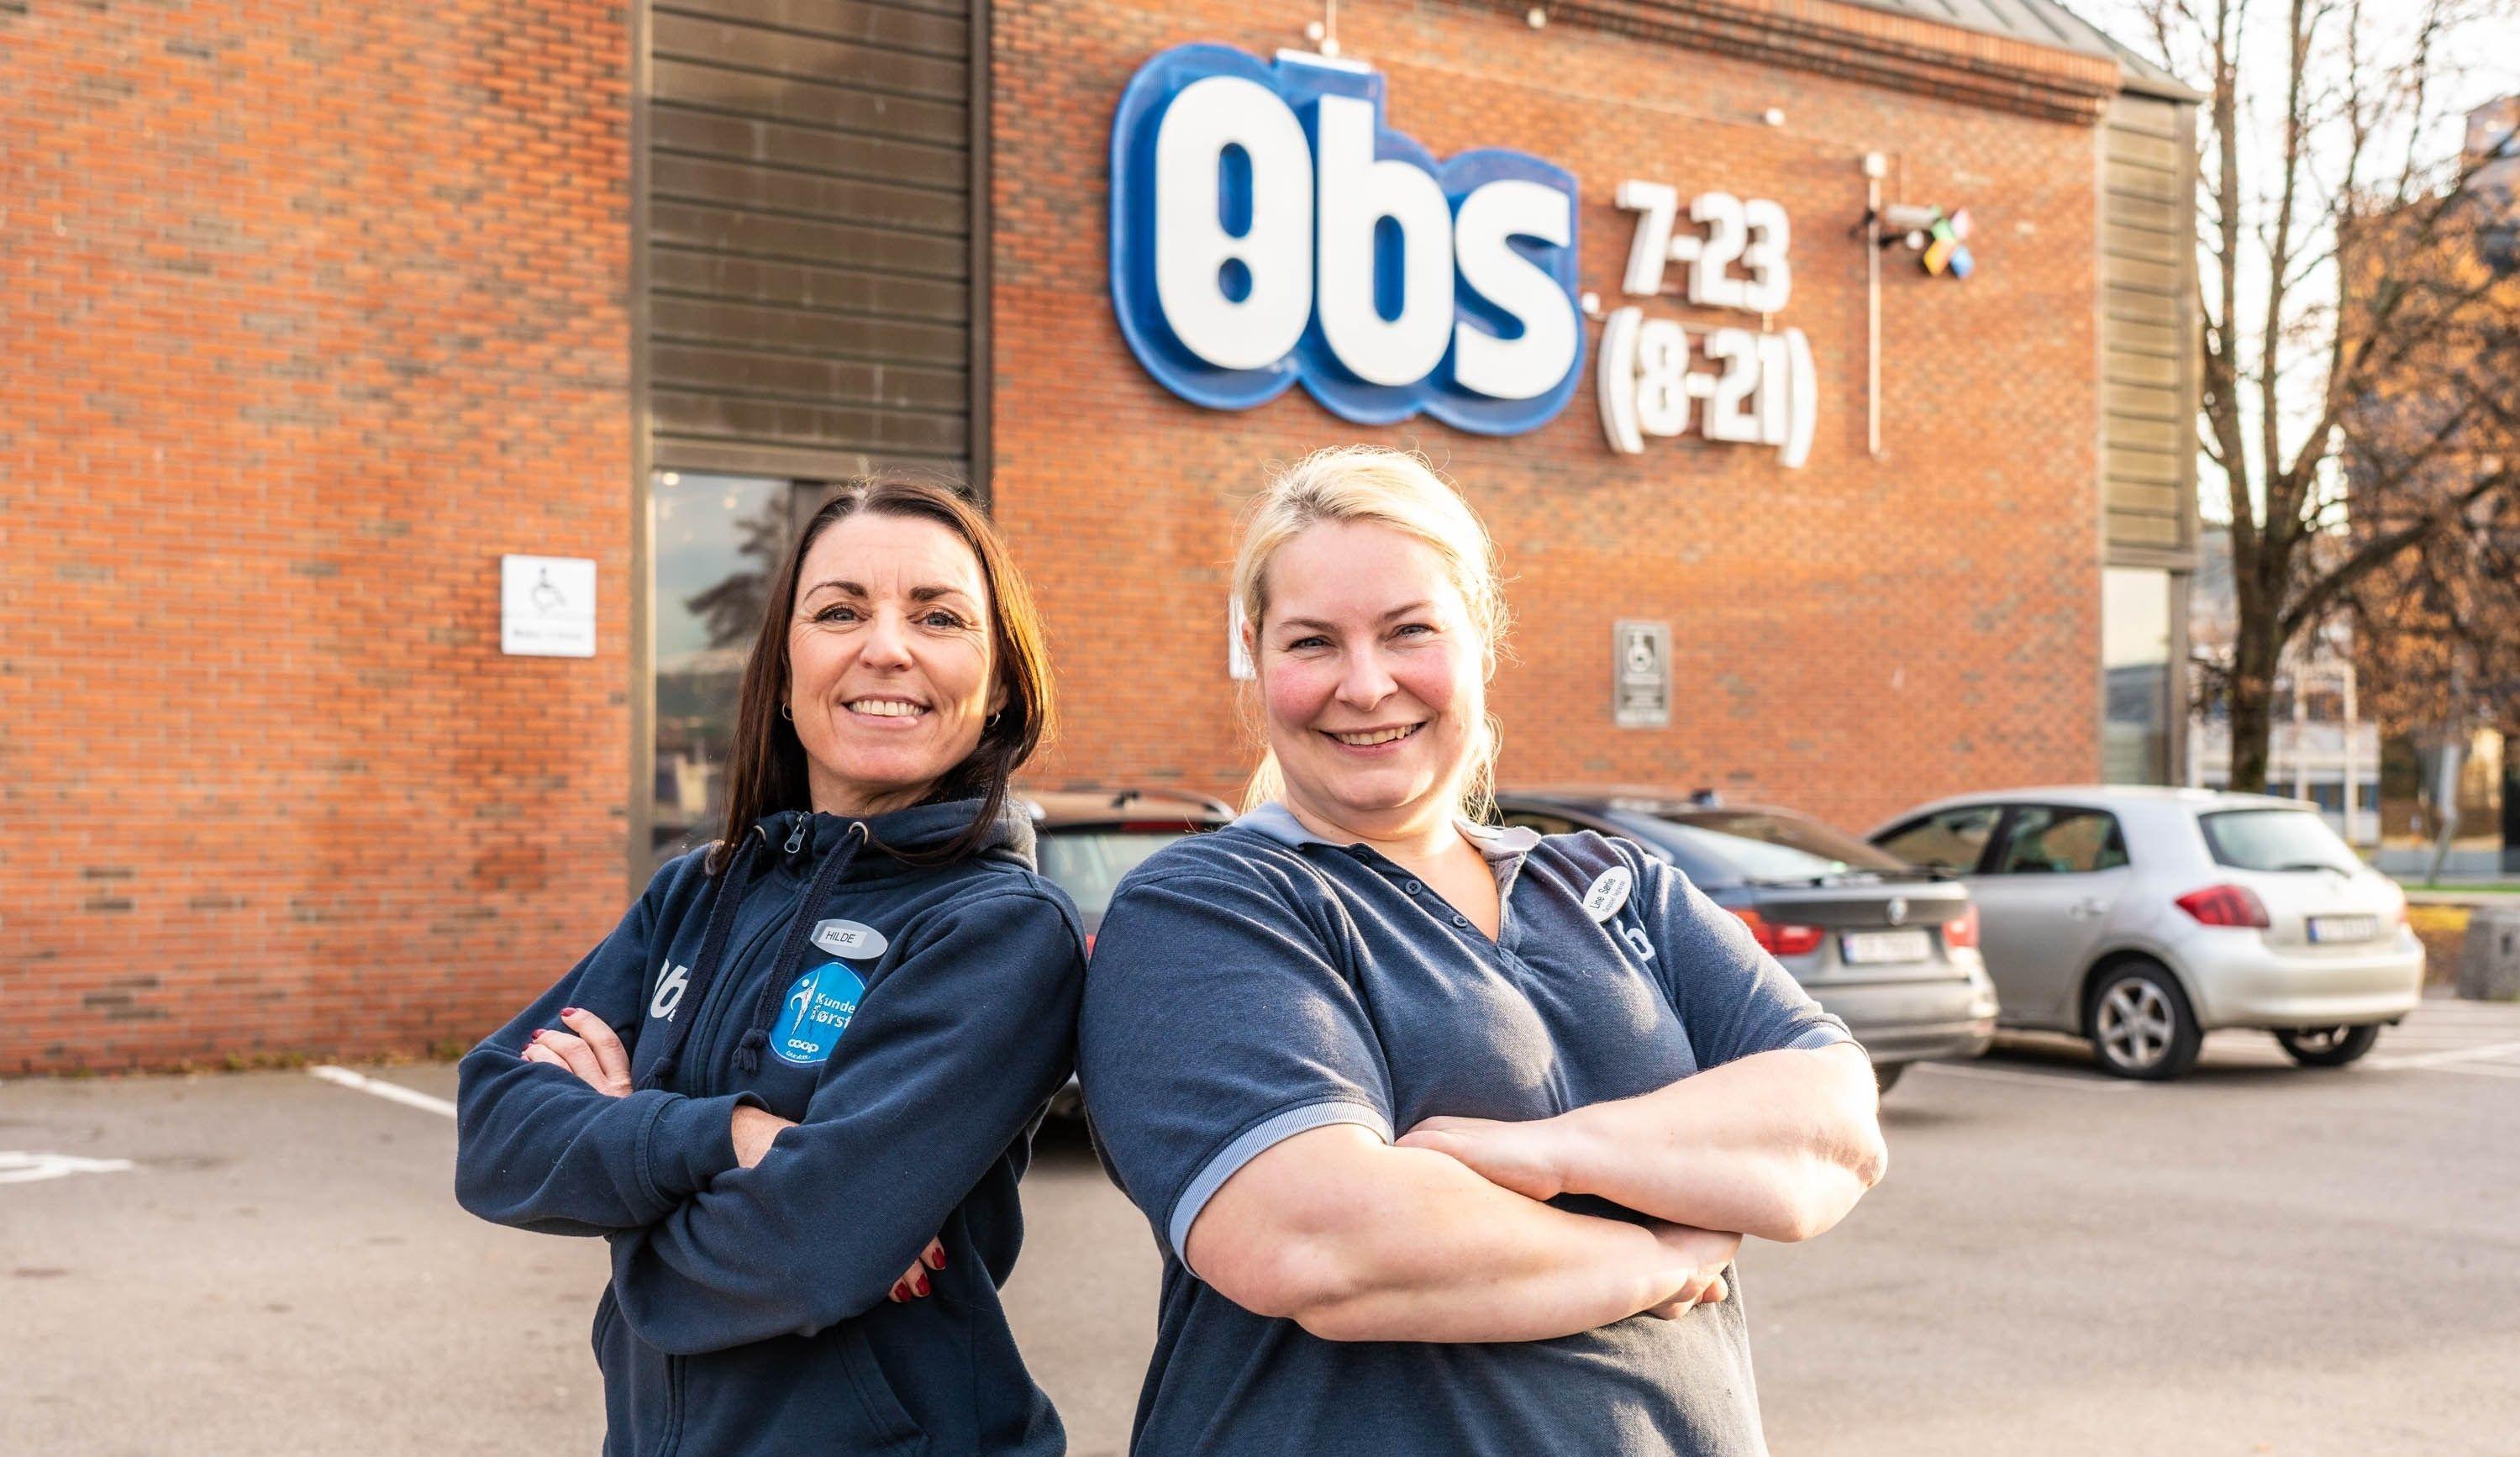 Salgssjefene Hilde Haugen og Line Sørlie på Obs Jessheim og Lillestrøm gleder seg til å ta i mot kundene under Black Week.